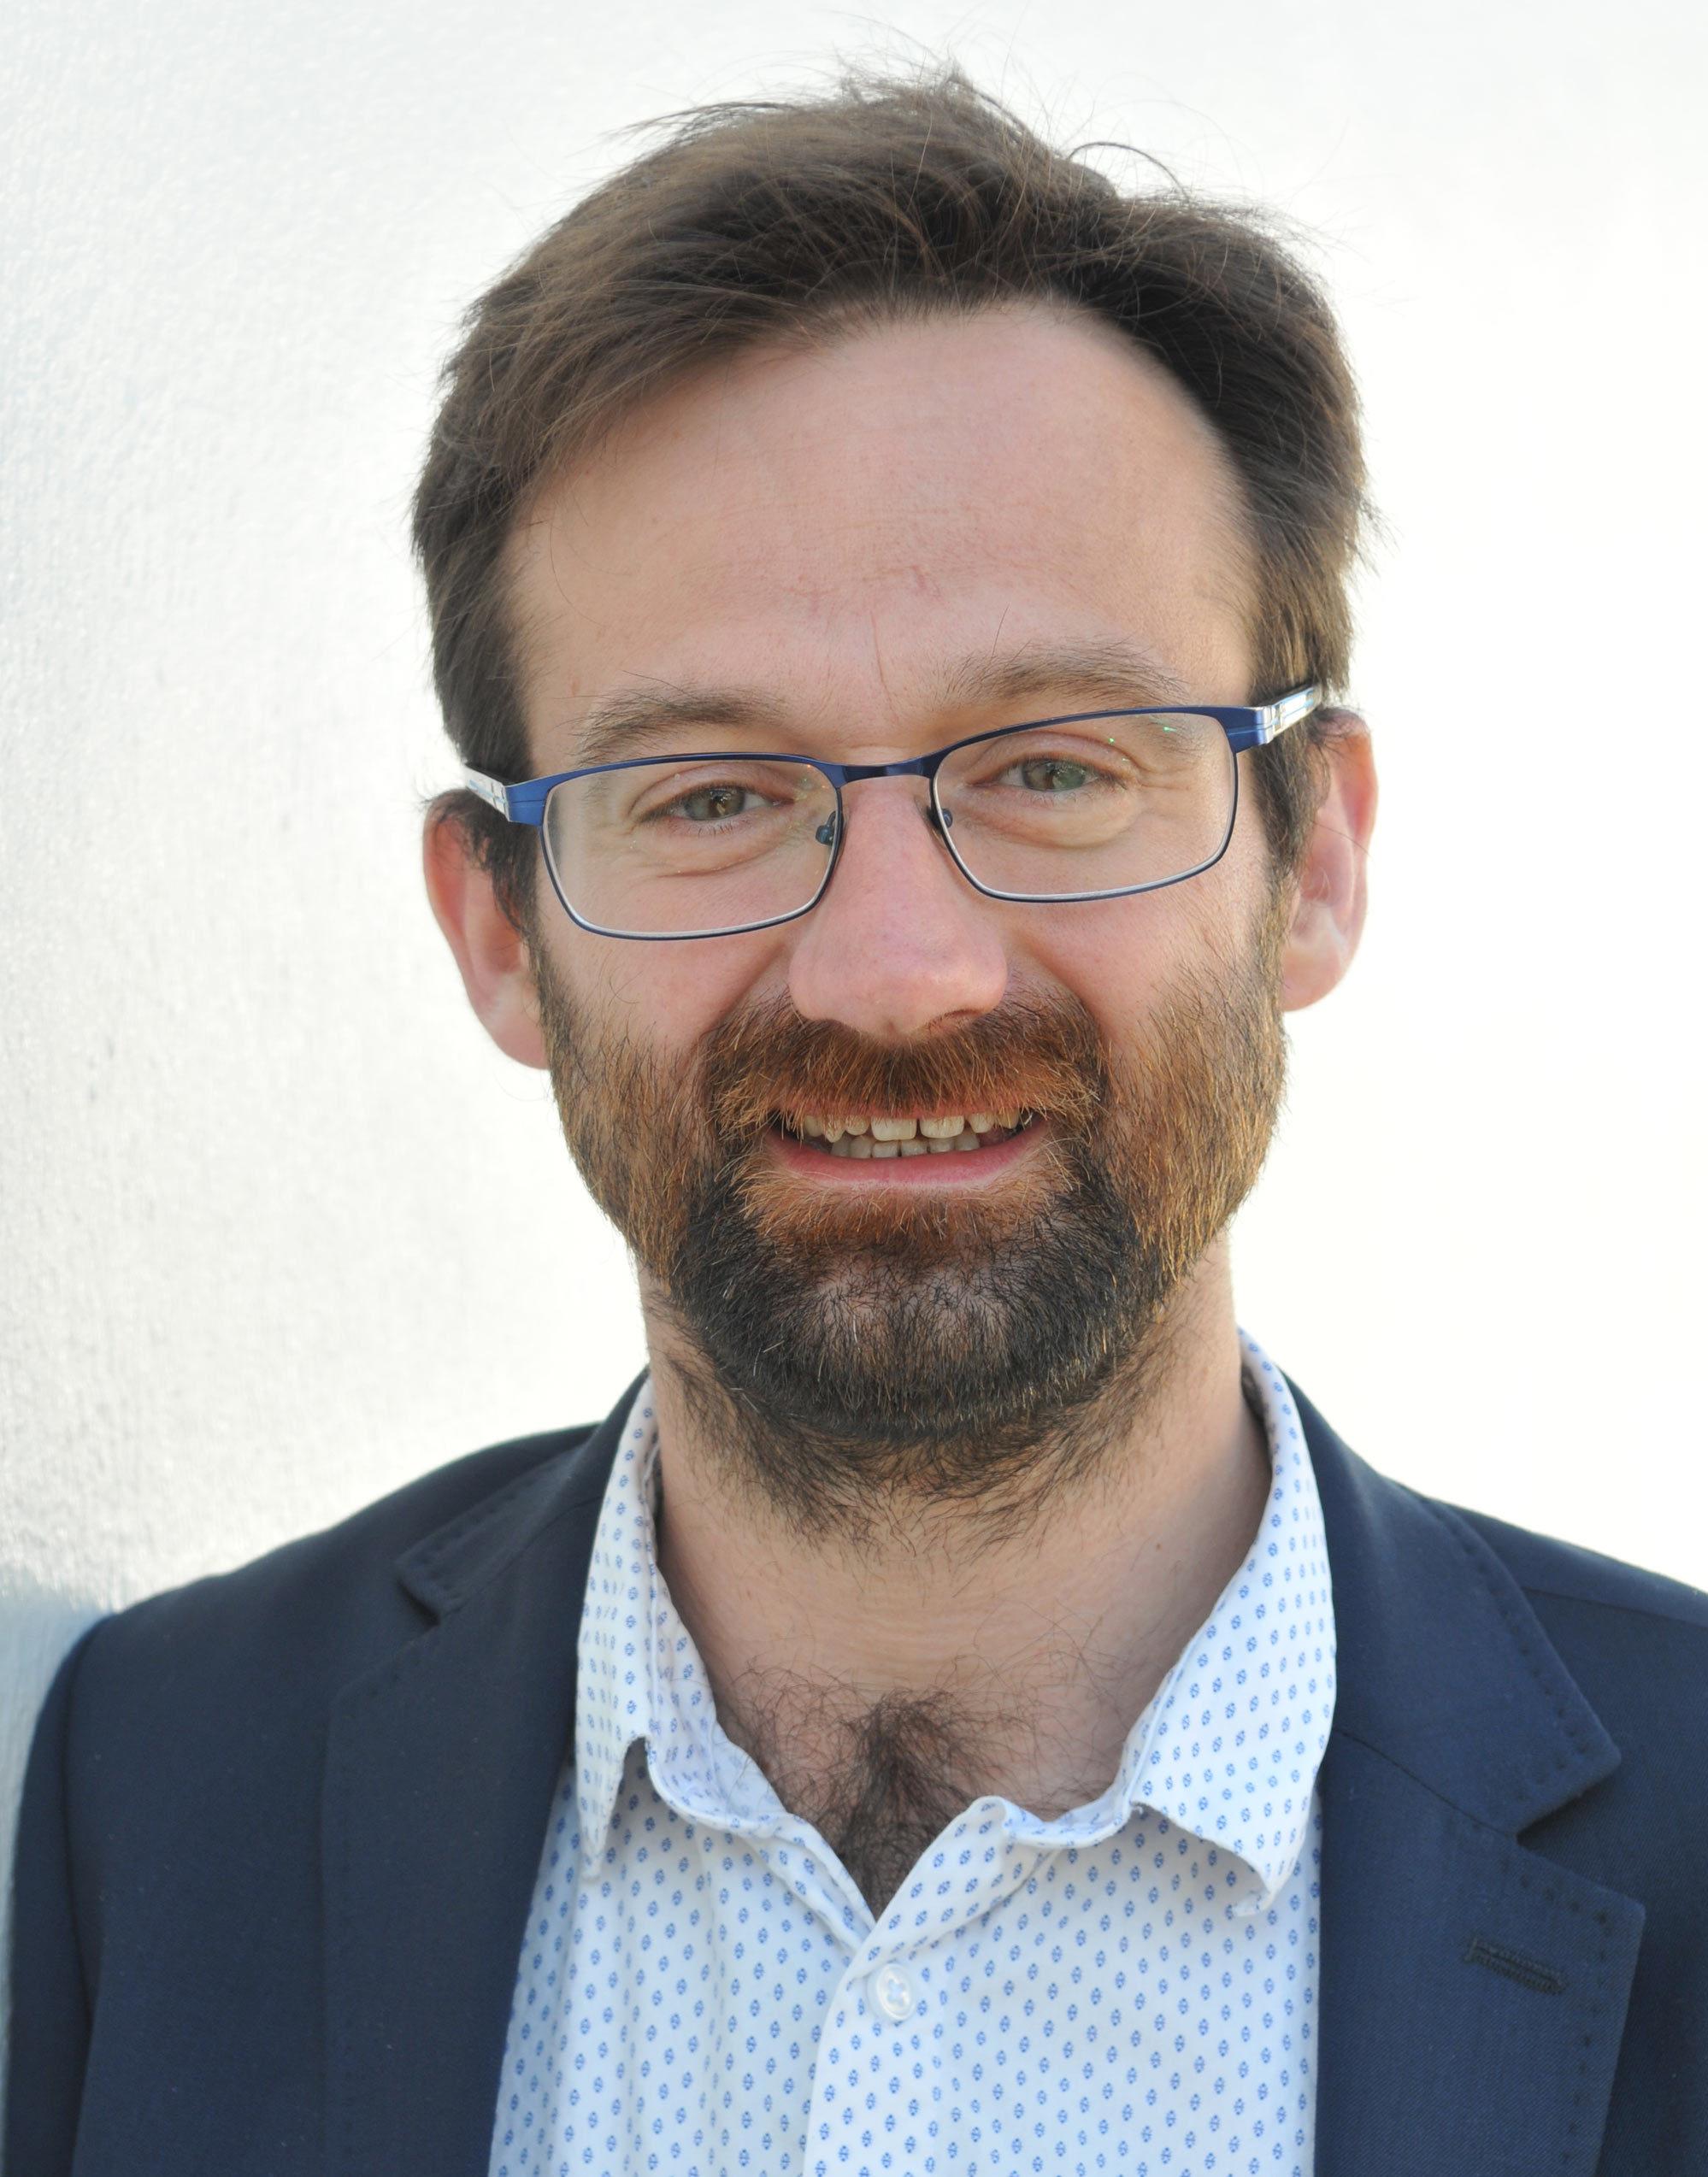 Yann Syz